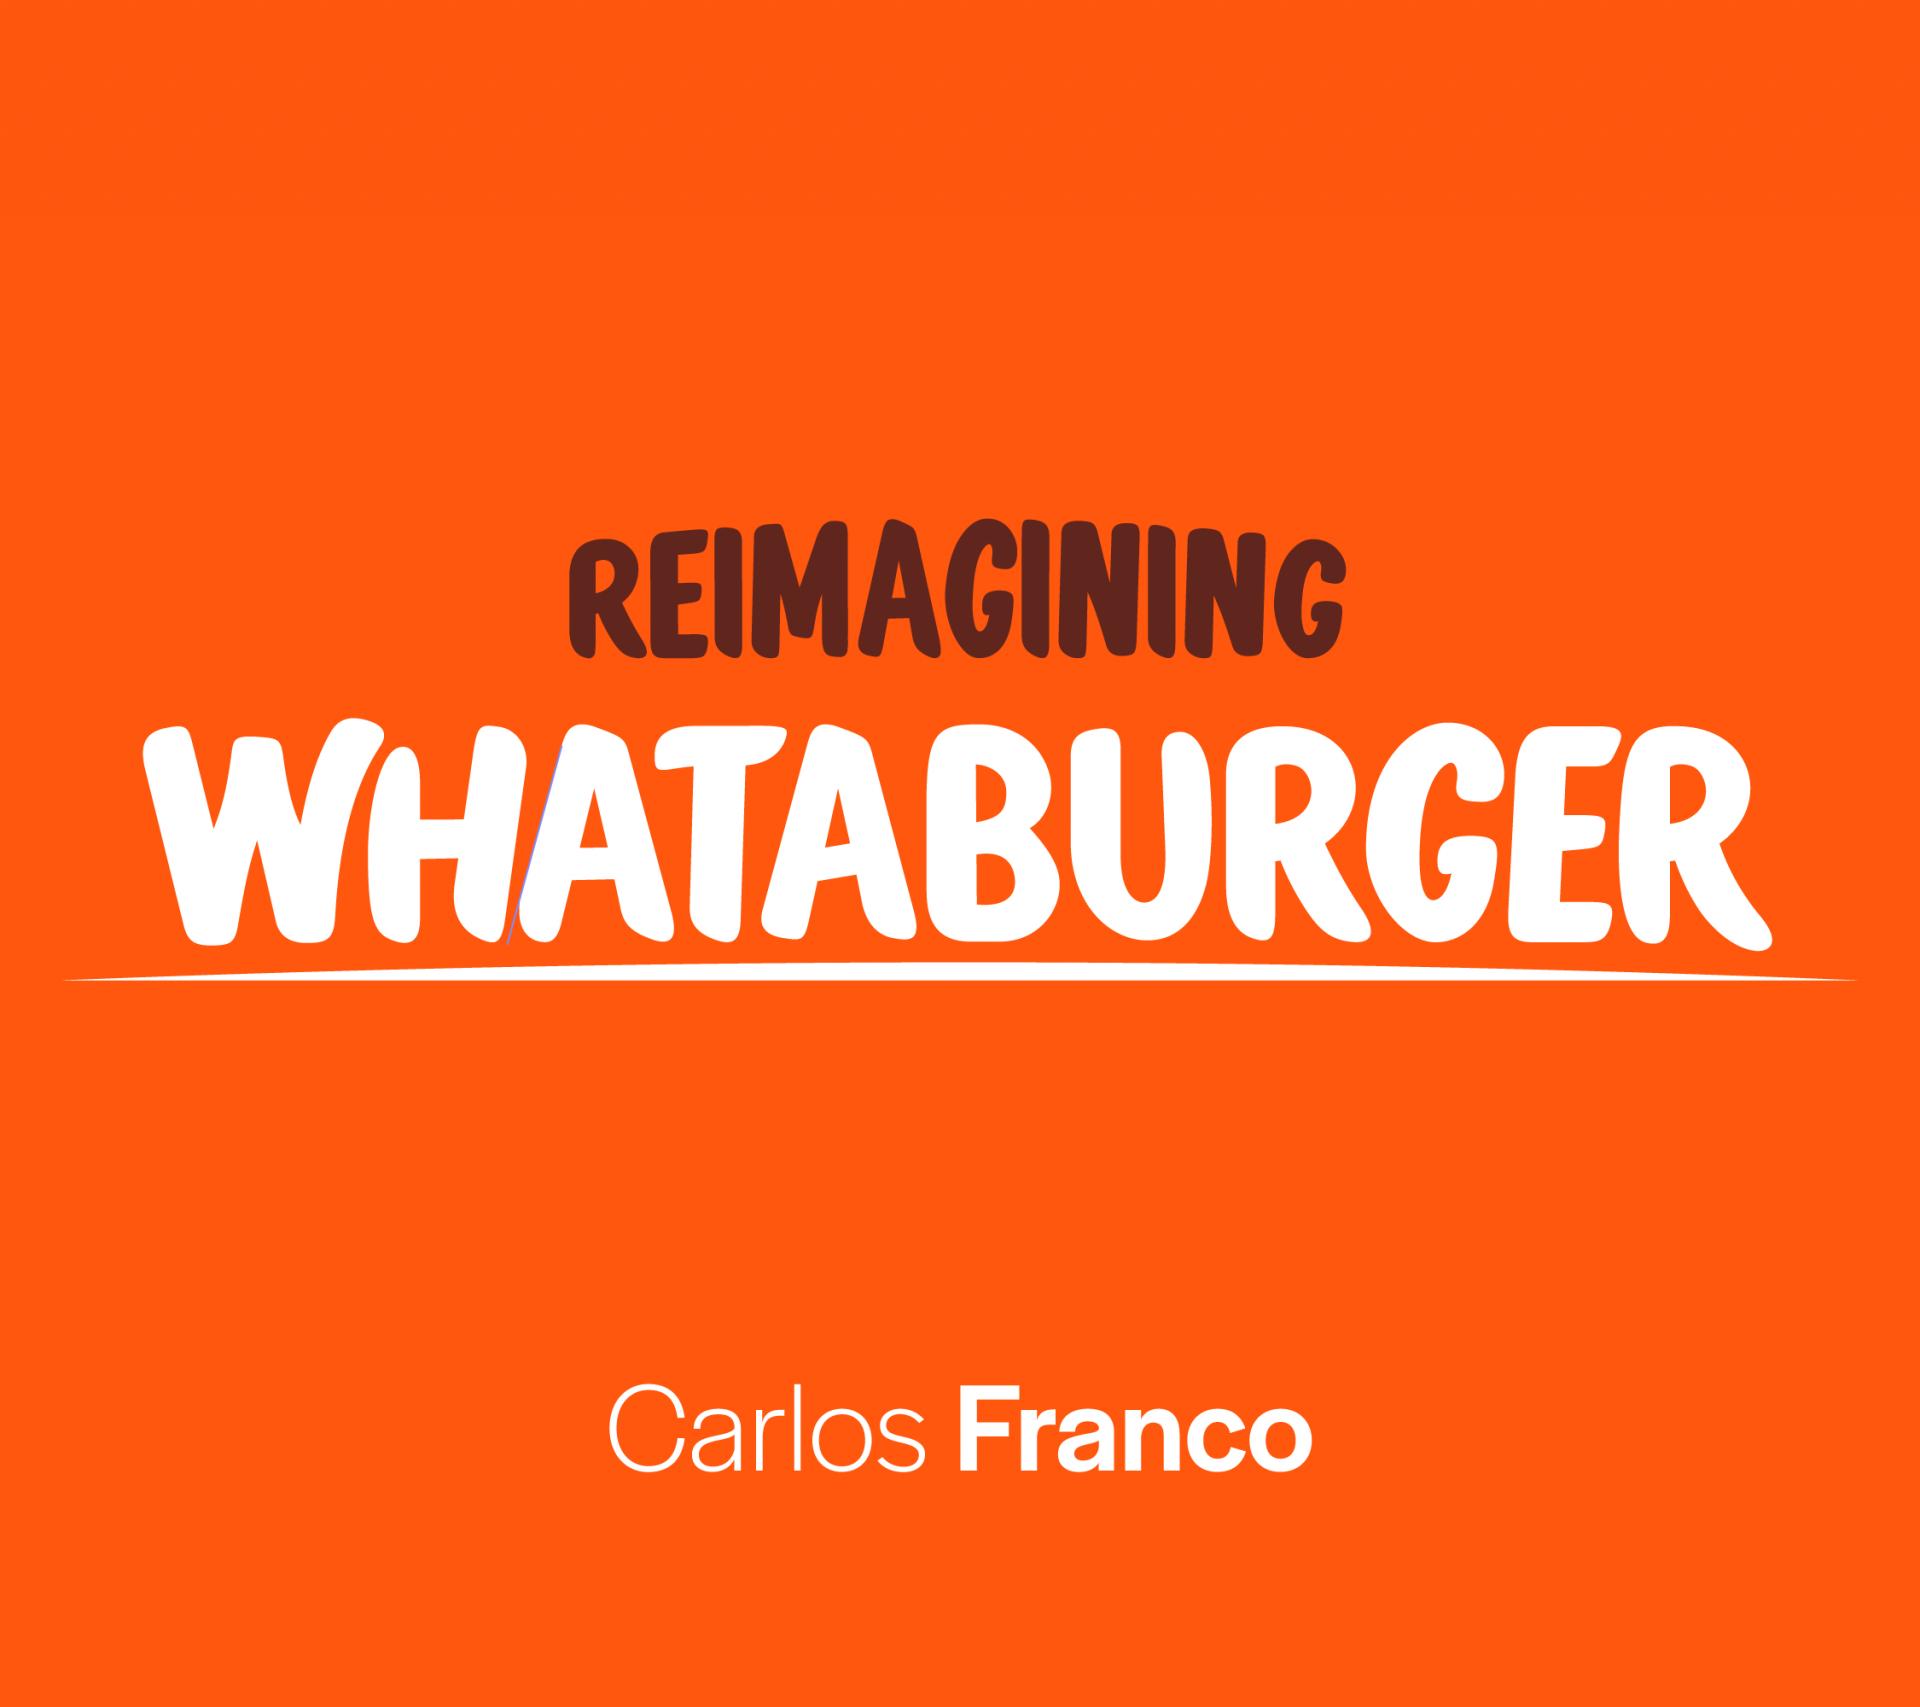 Reimagining Whataburger. Carlos Franco